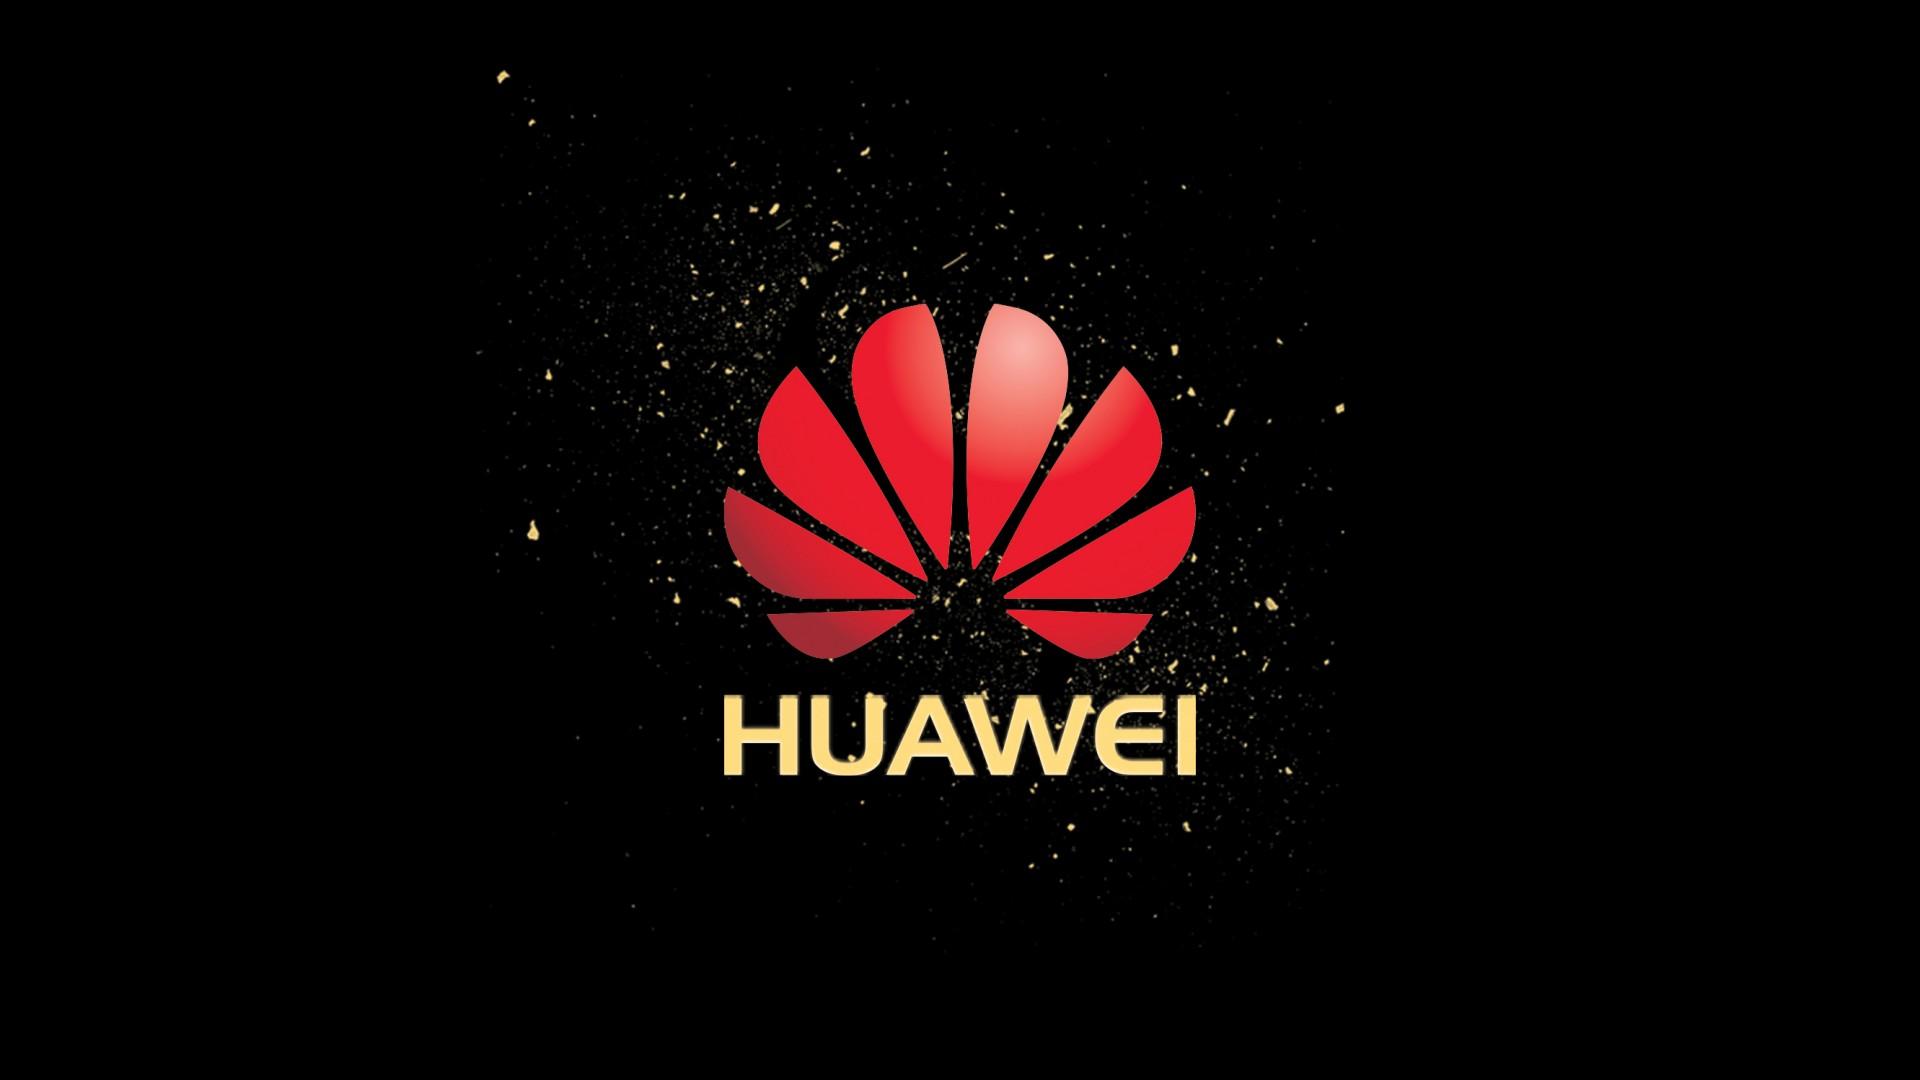 Sebuah render baru dari Huawei P30 Pro mencerminkan empat sensor di kamera utamanya 4